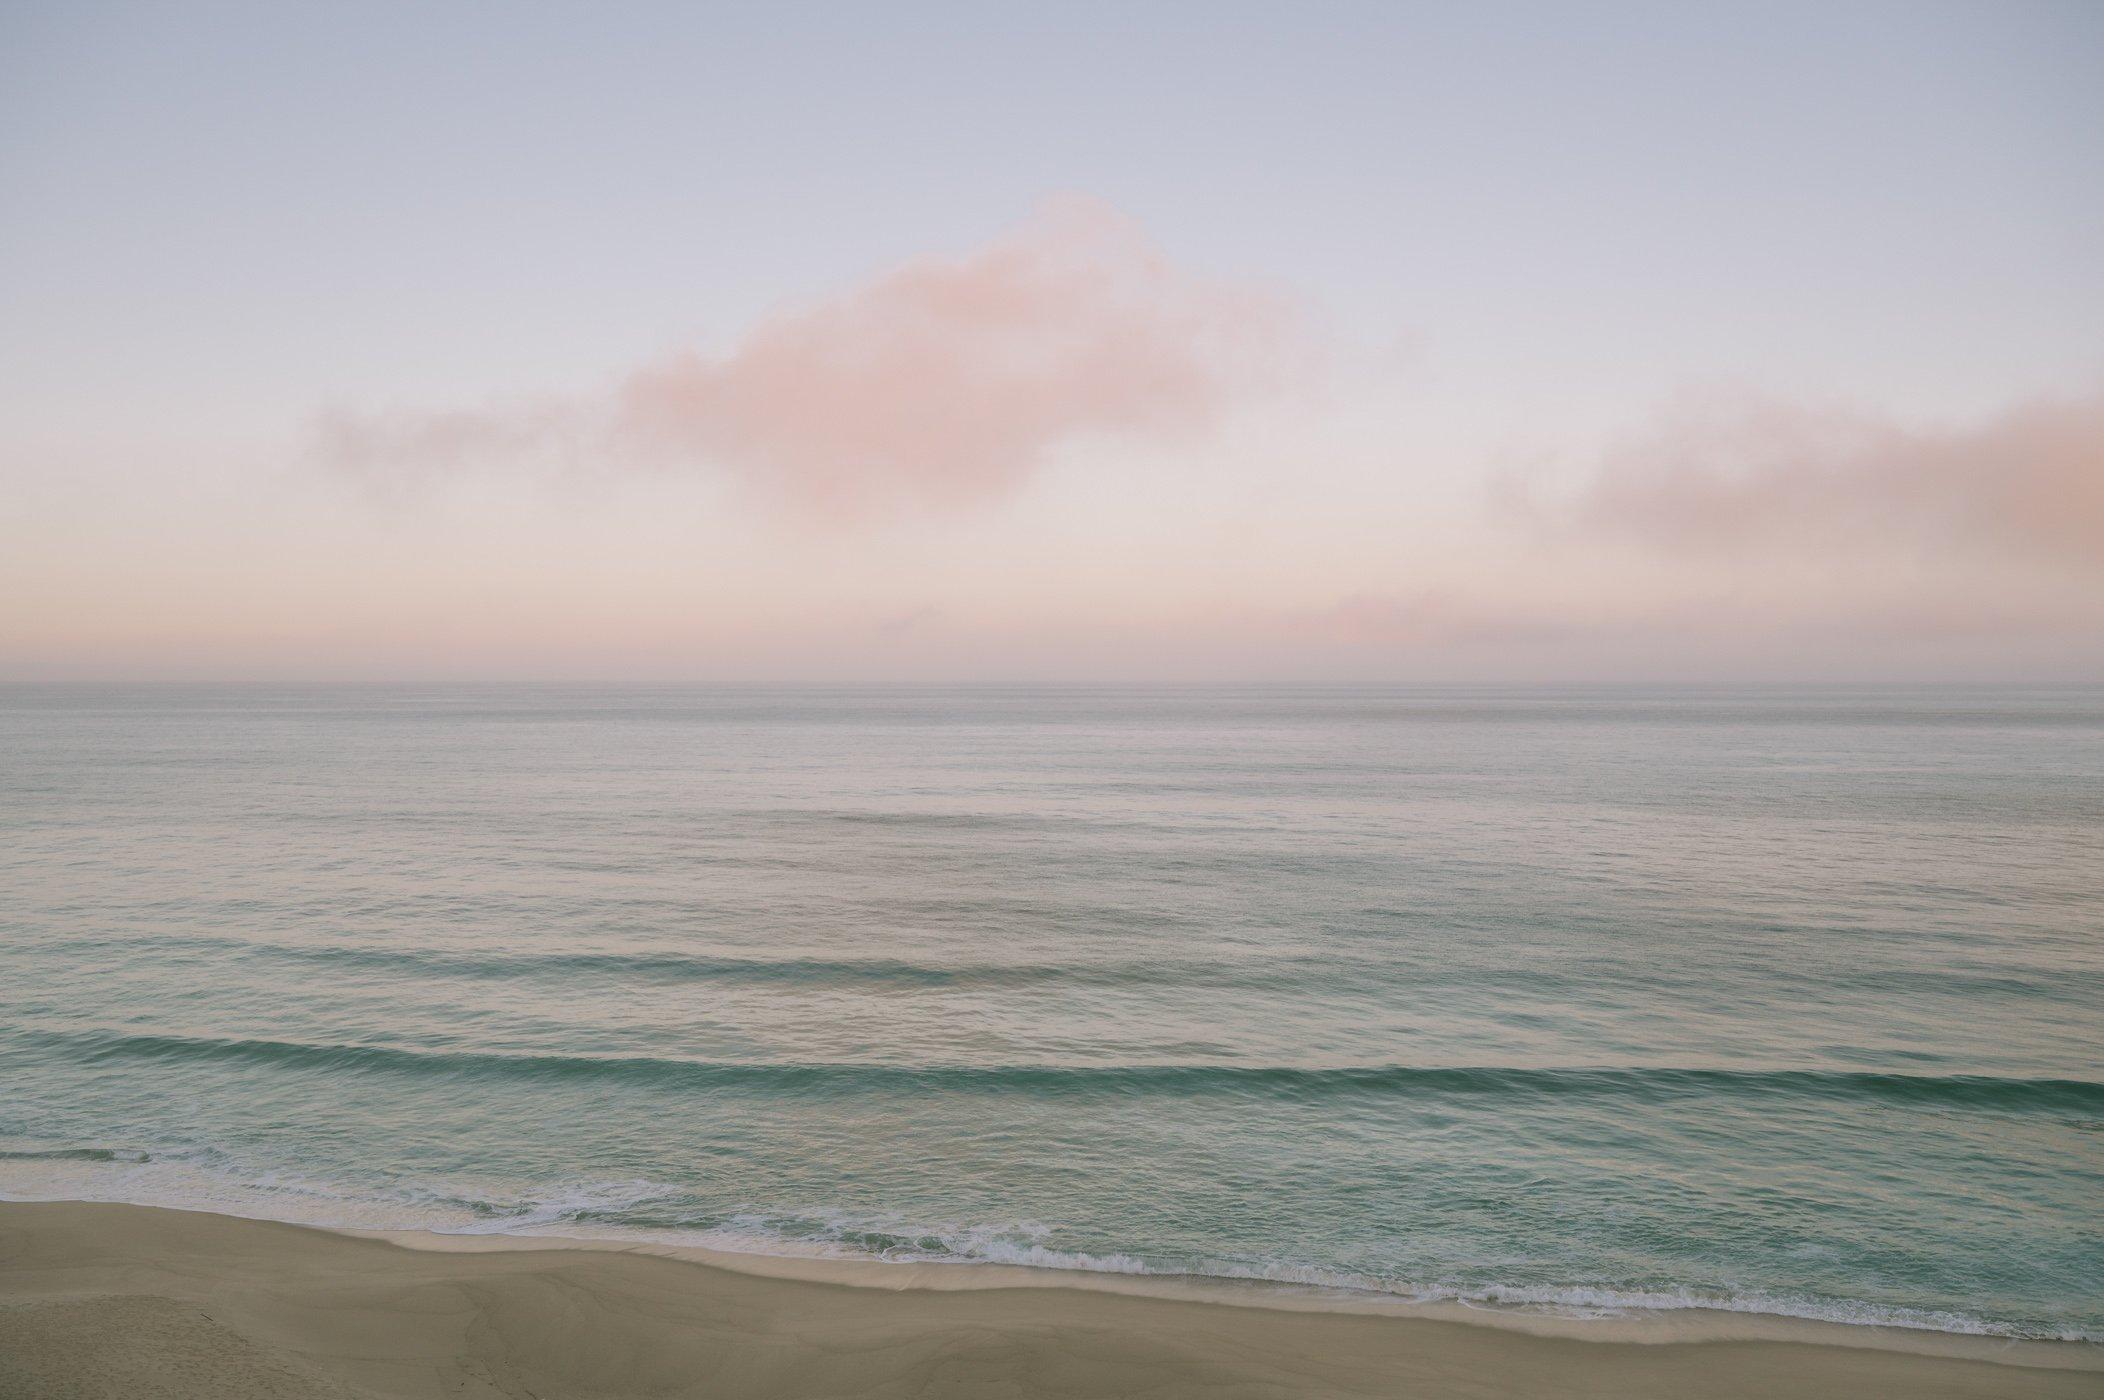 Sunrise at Praia da Galé - Fontainhas